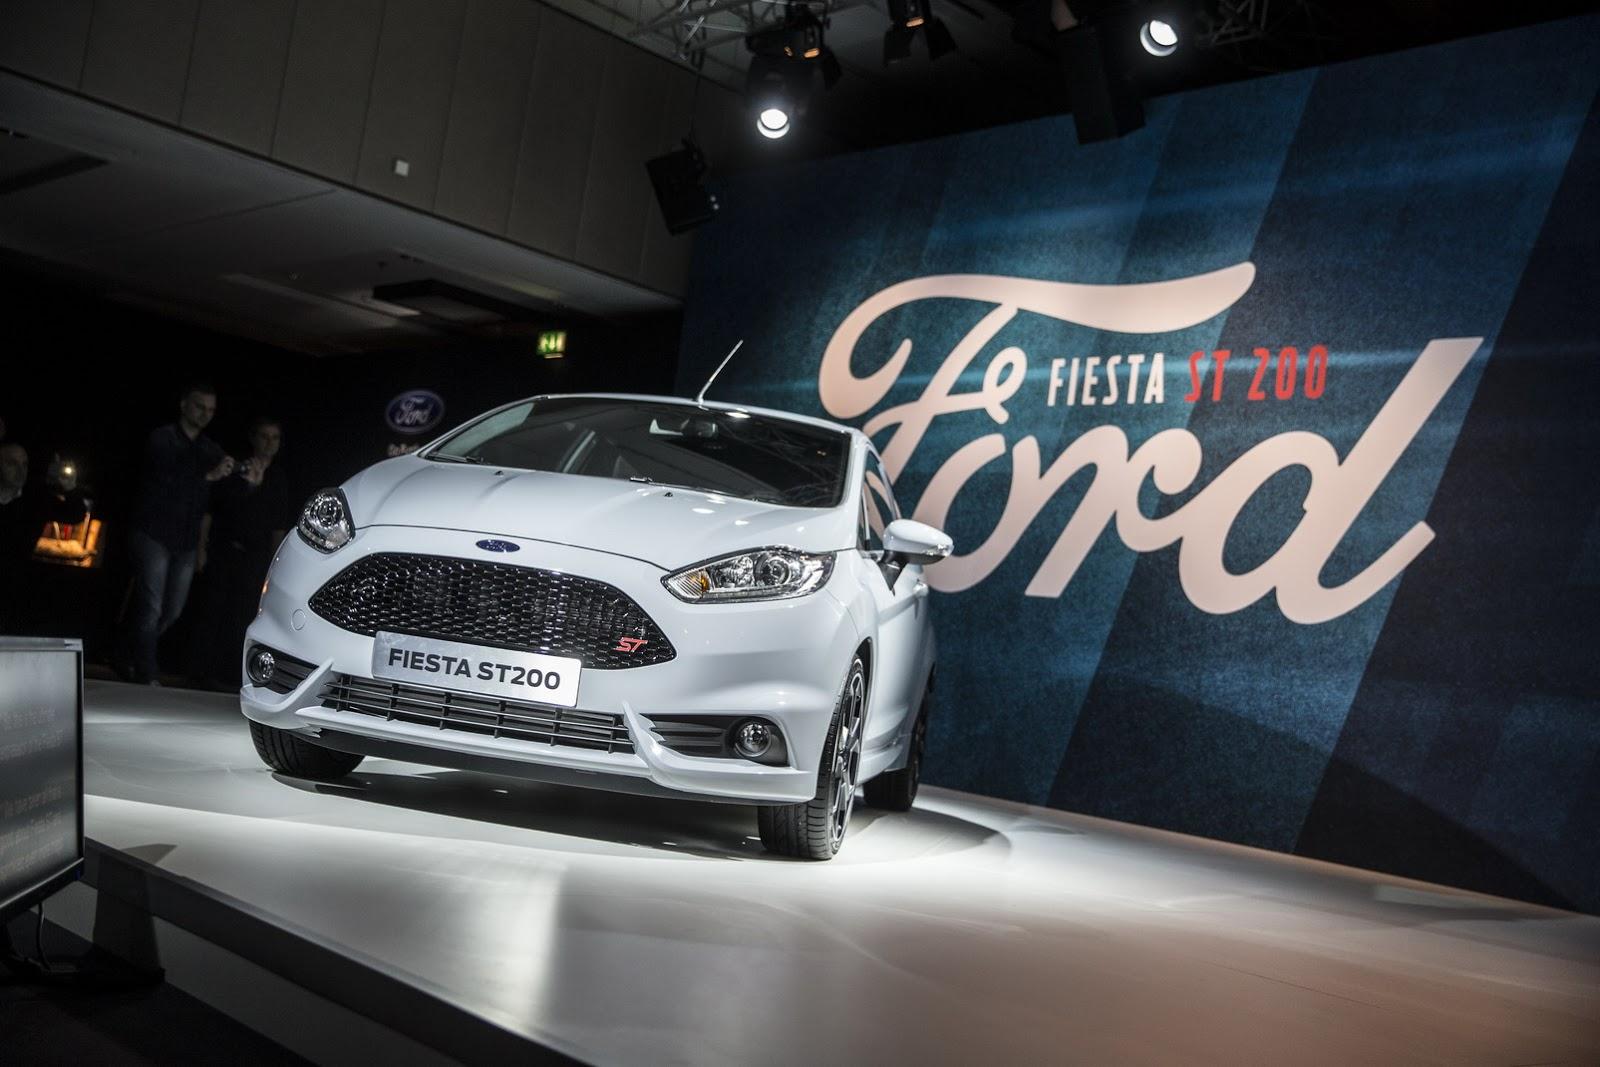 Ford Fiesta ST200 2017 nếu độ lên sẽ là mẫu xe đua cỡ nhỏ đỉnh nhất